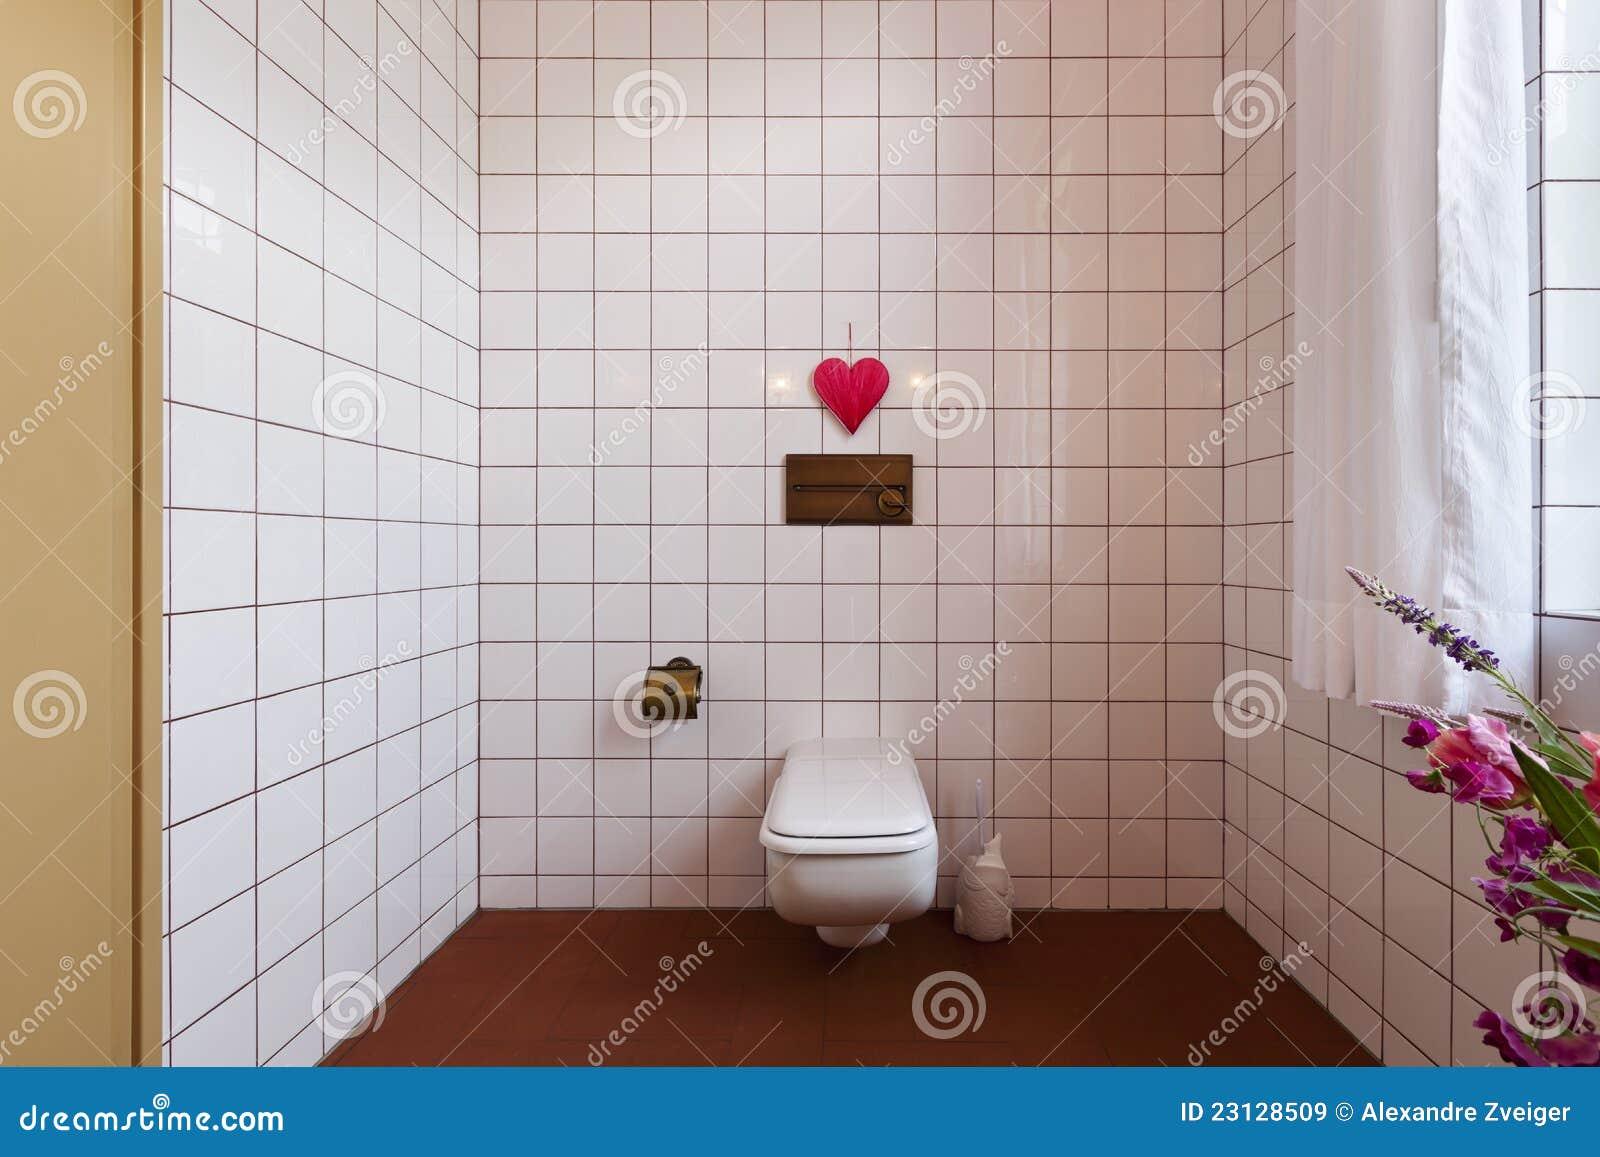 Amazing Large White Bathroom Tiles WickescoukBathroom